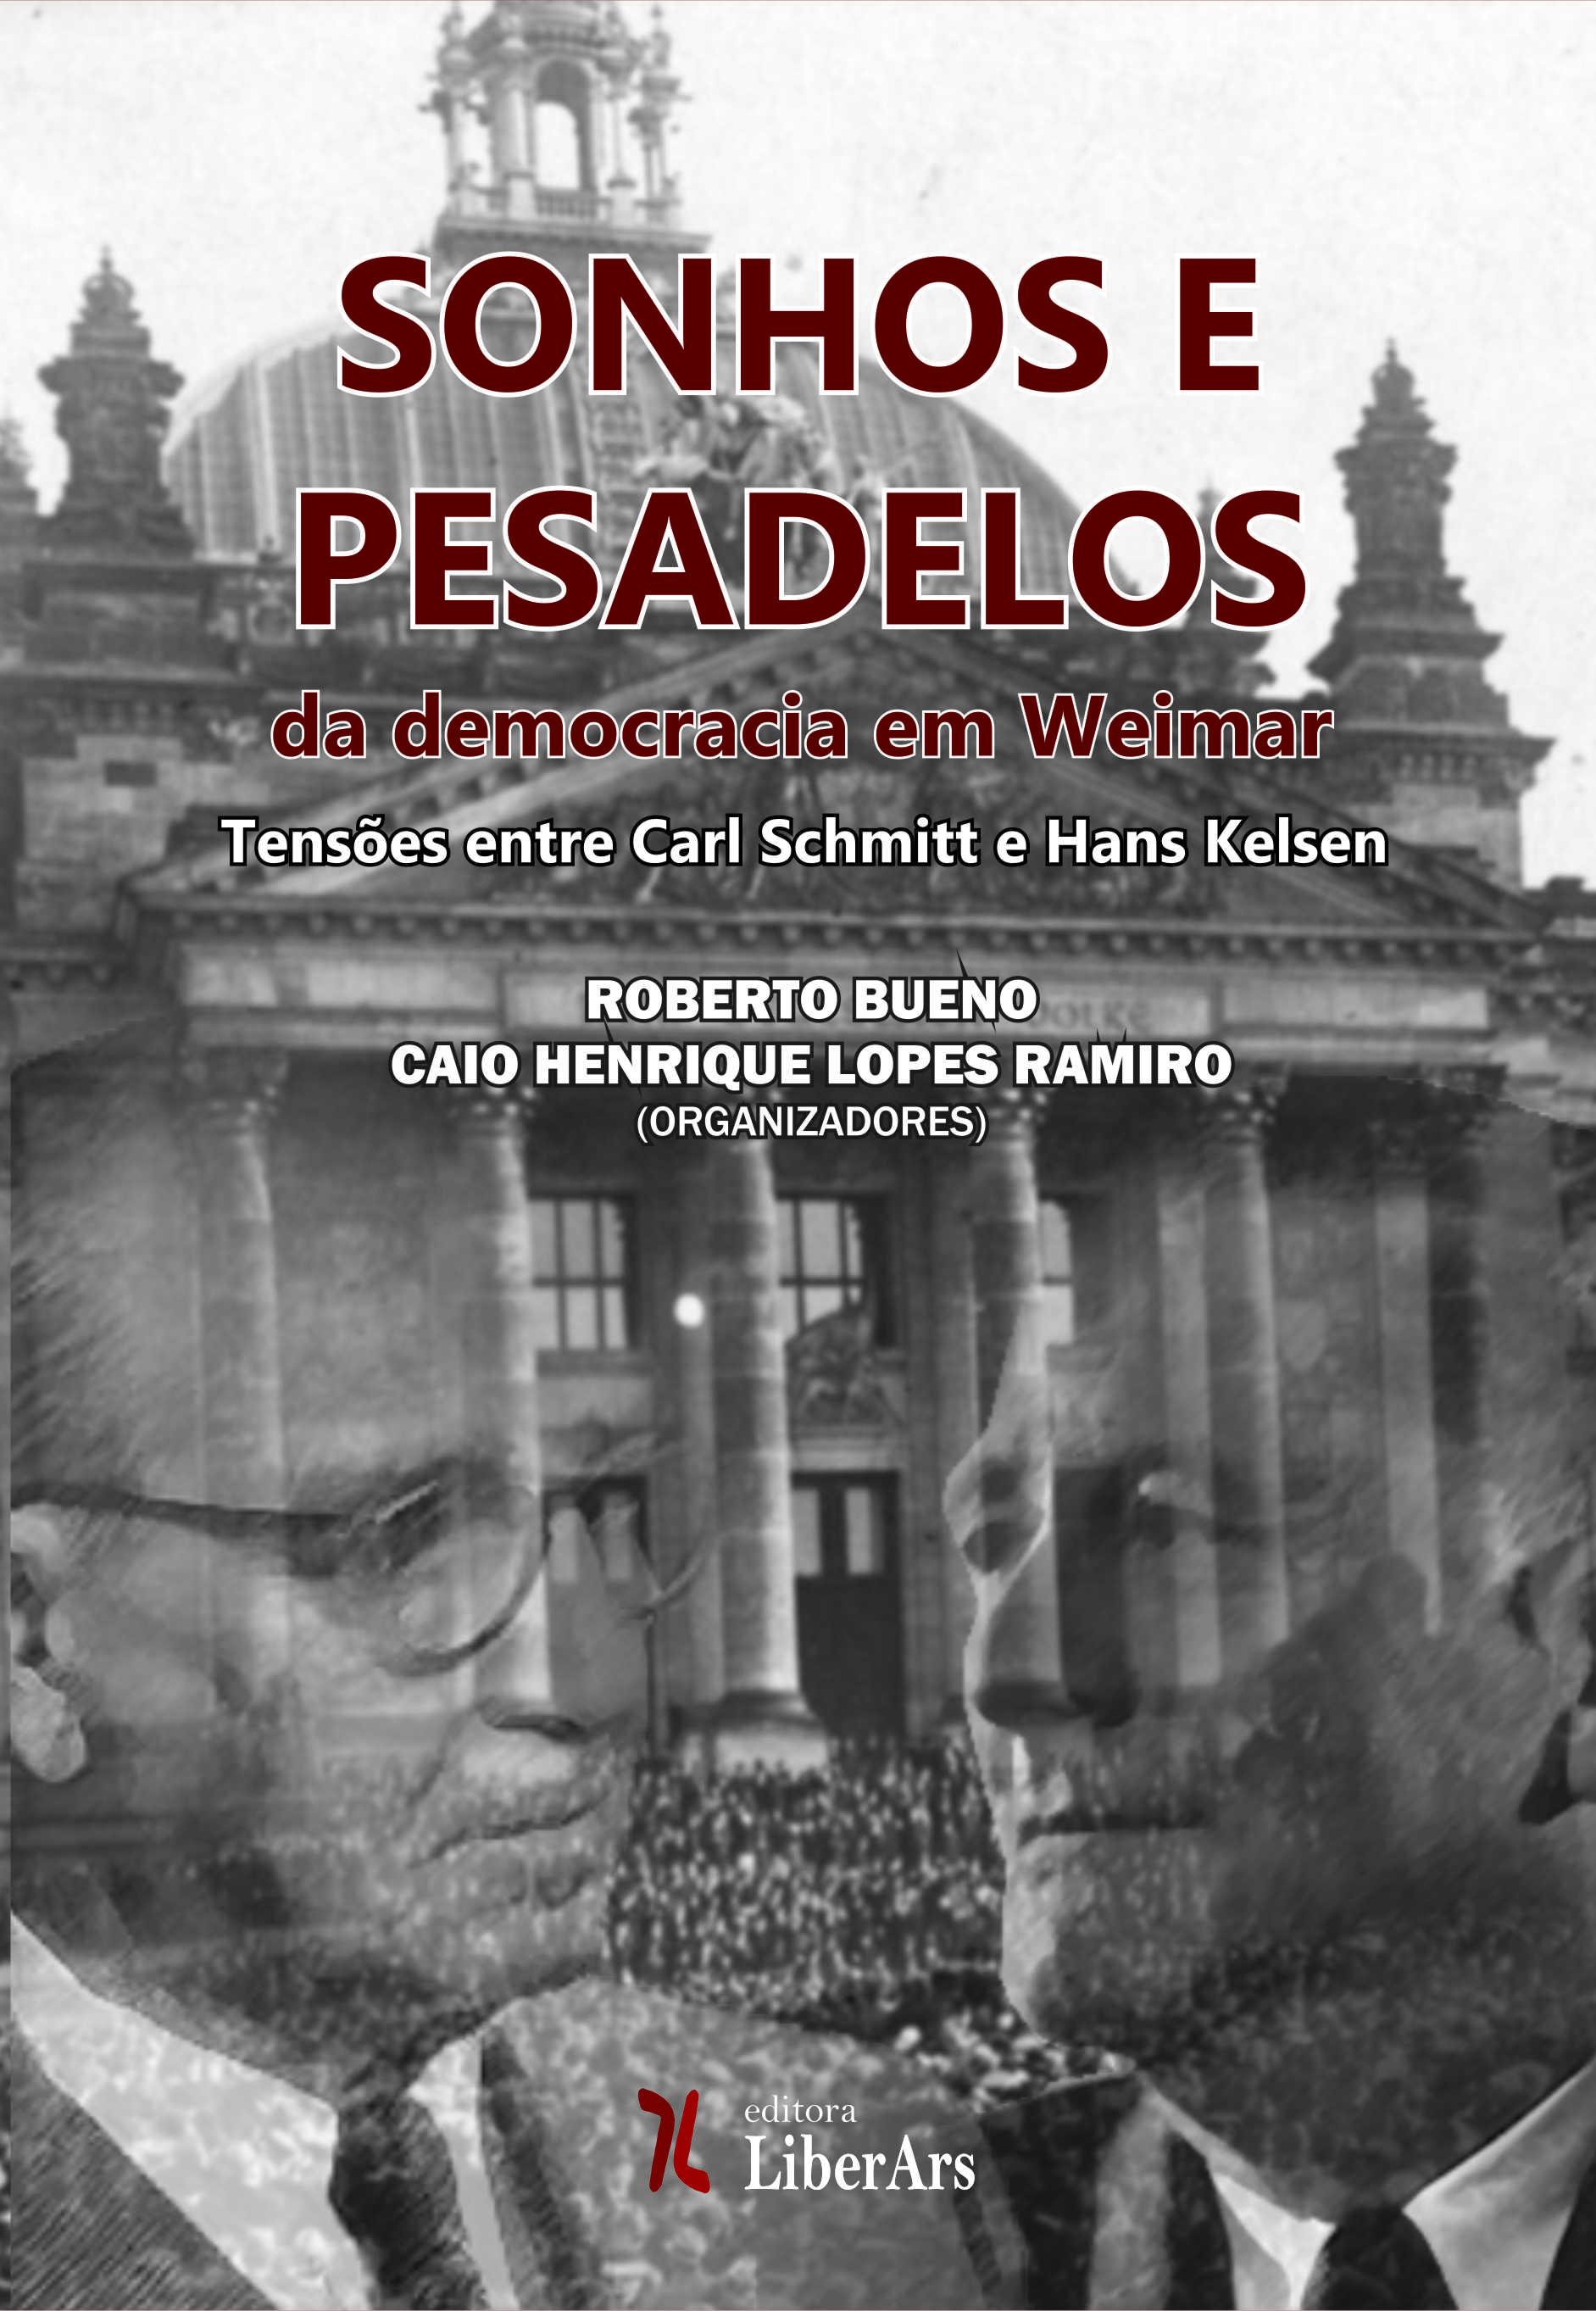 Sonhos e pesadelos da democracia em Weimar: tensões entre Carl Schmitt e Hans Kelsen, livro de Caio Henrique Lopes Ramiro, Roberto Bueno (org.)